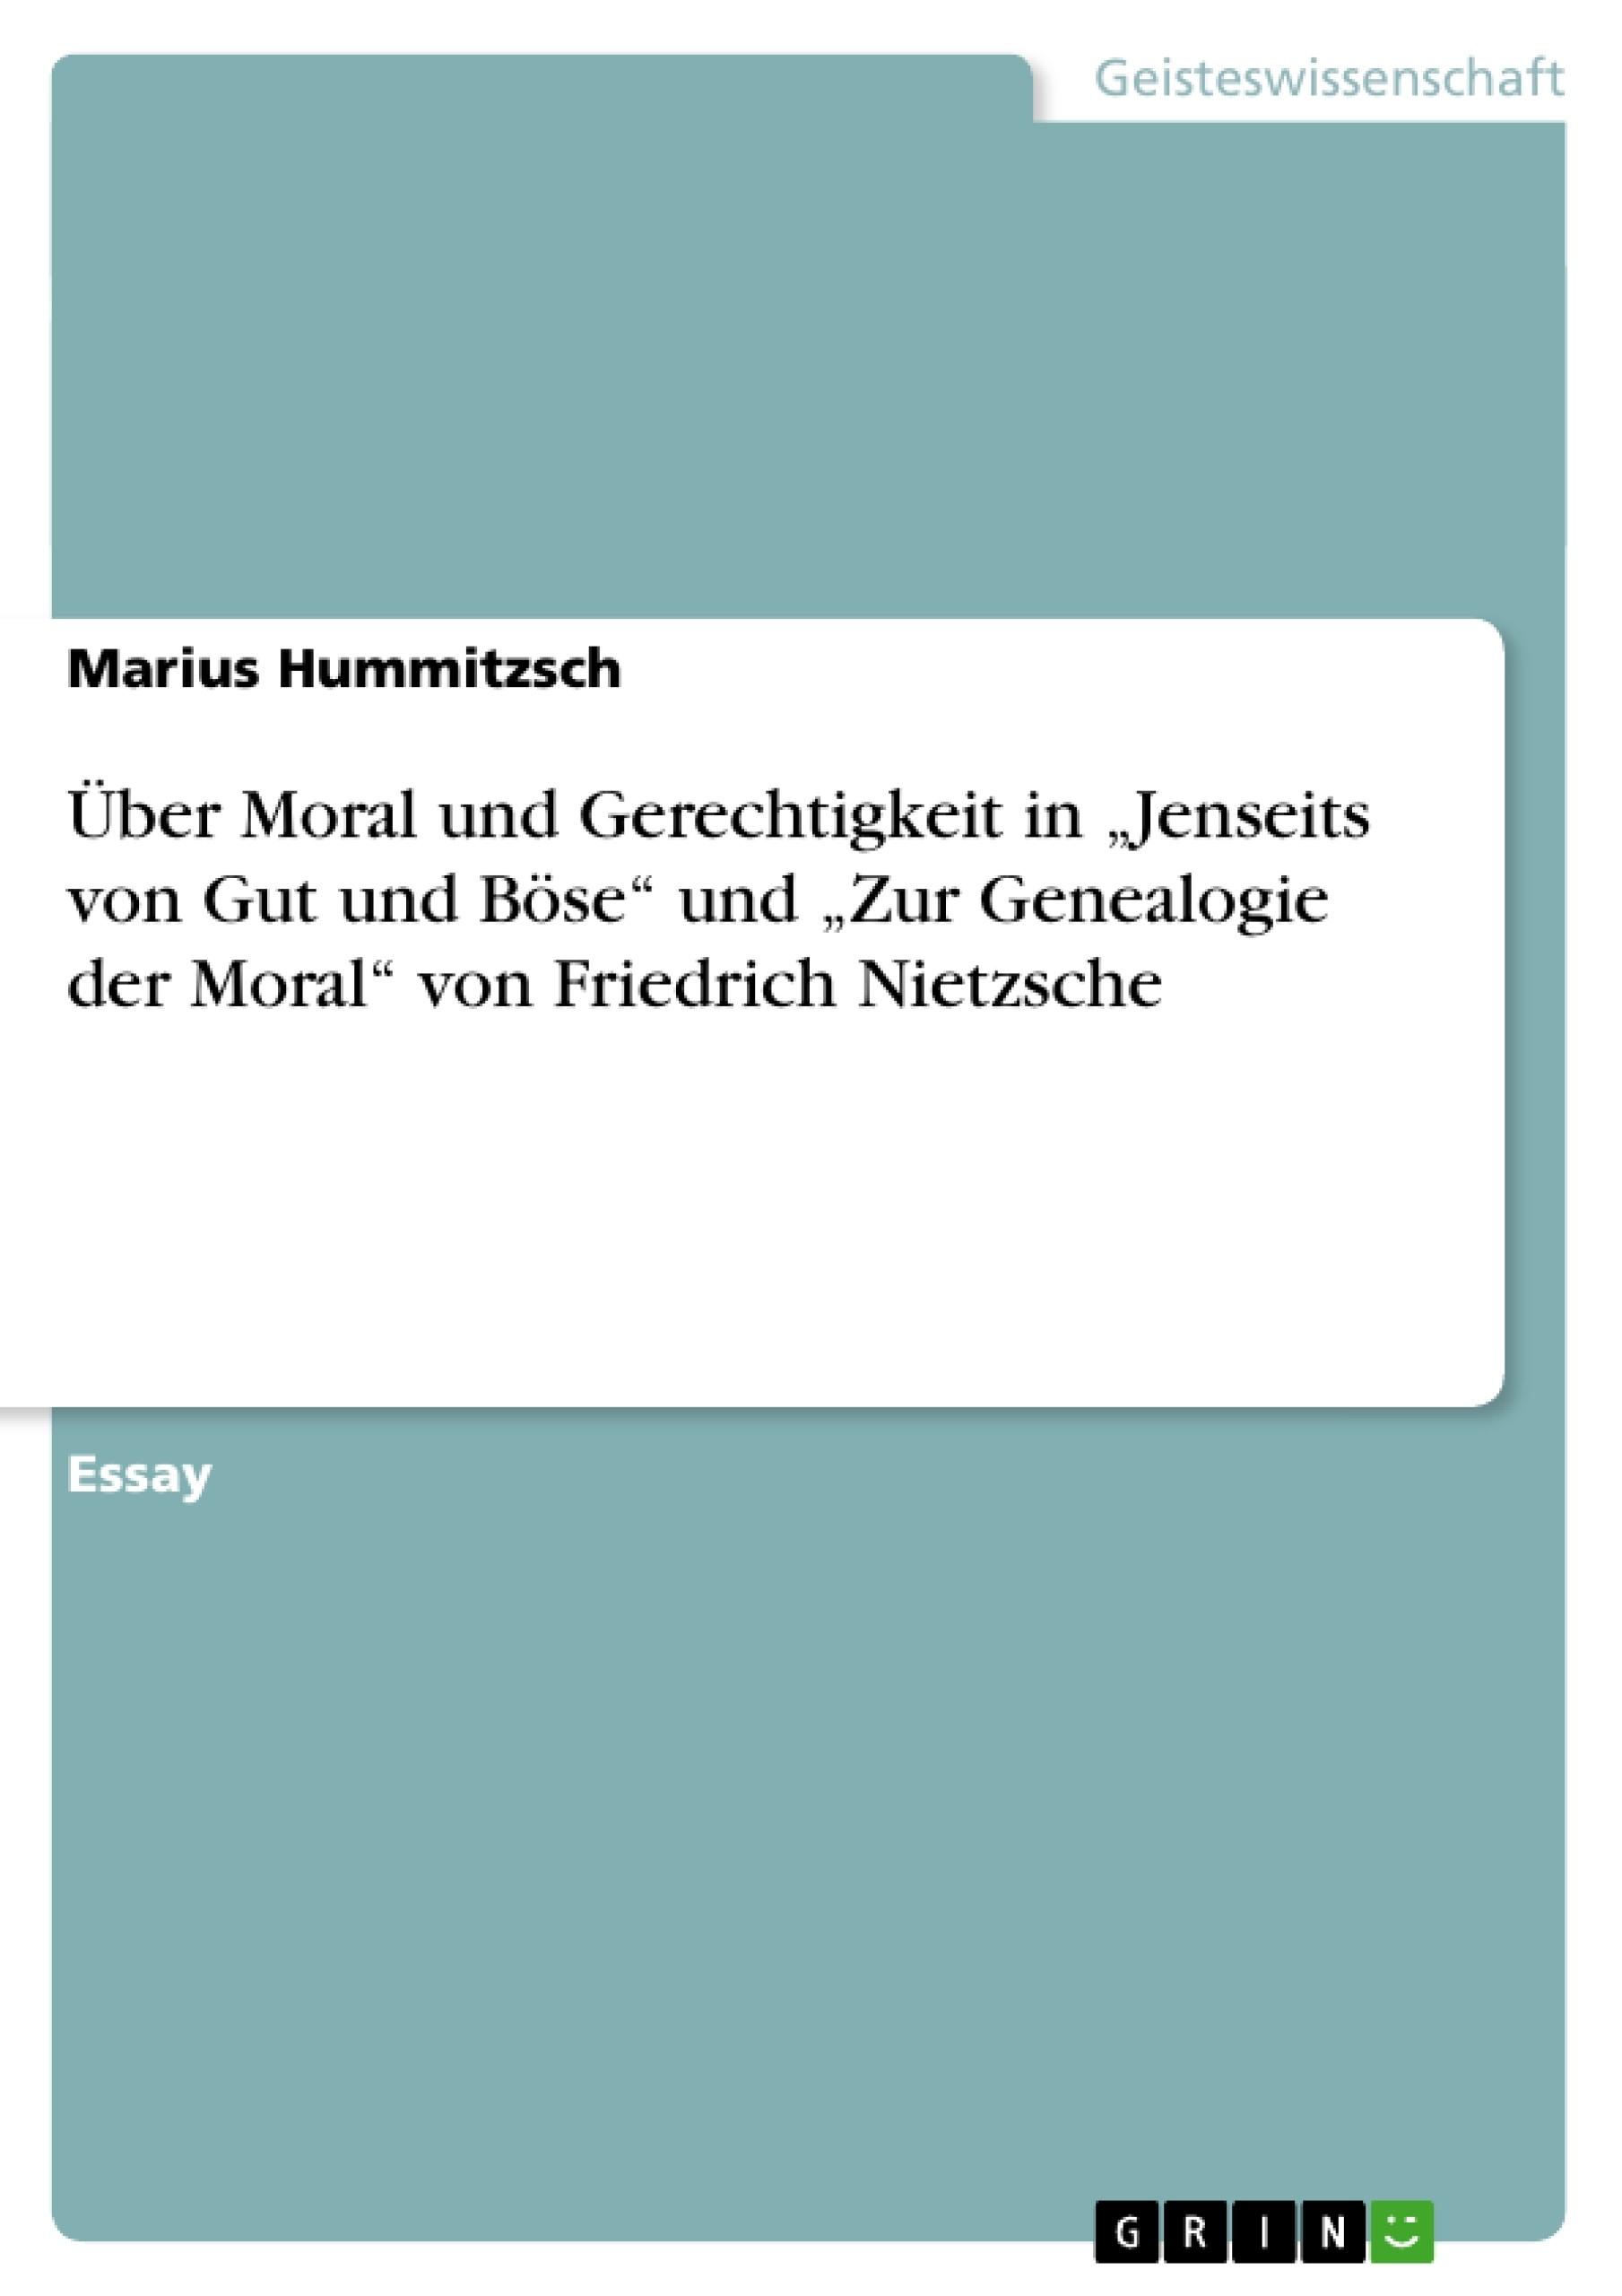 """Titel: Über Moral und Gerechtigkeit in """"Jenseits von Gut und Böse"""" und """"Zur Genealogie der Moral""""  von Friedrich Nietzsche"""